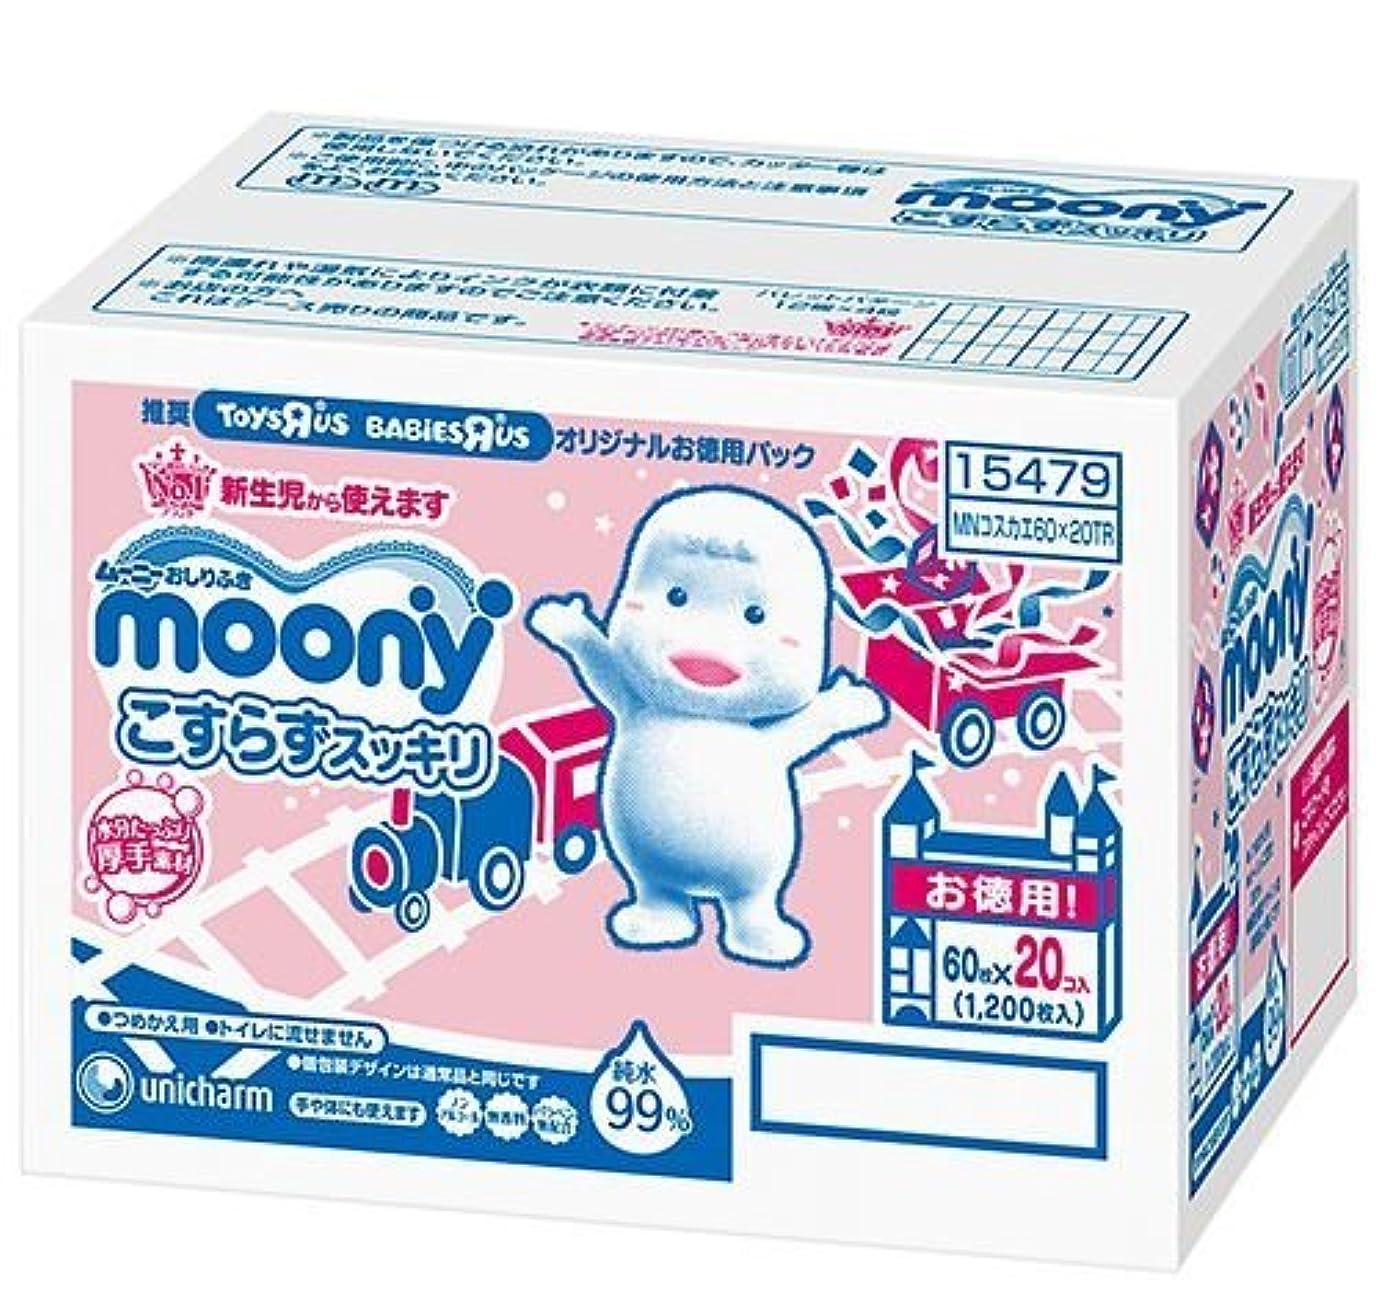 開梱カセット配るベビーザらス限定 ムーニーおしりふき こすらずスッキリ 詰替 1200枚(60枚×20個パック)